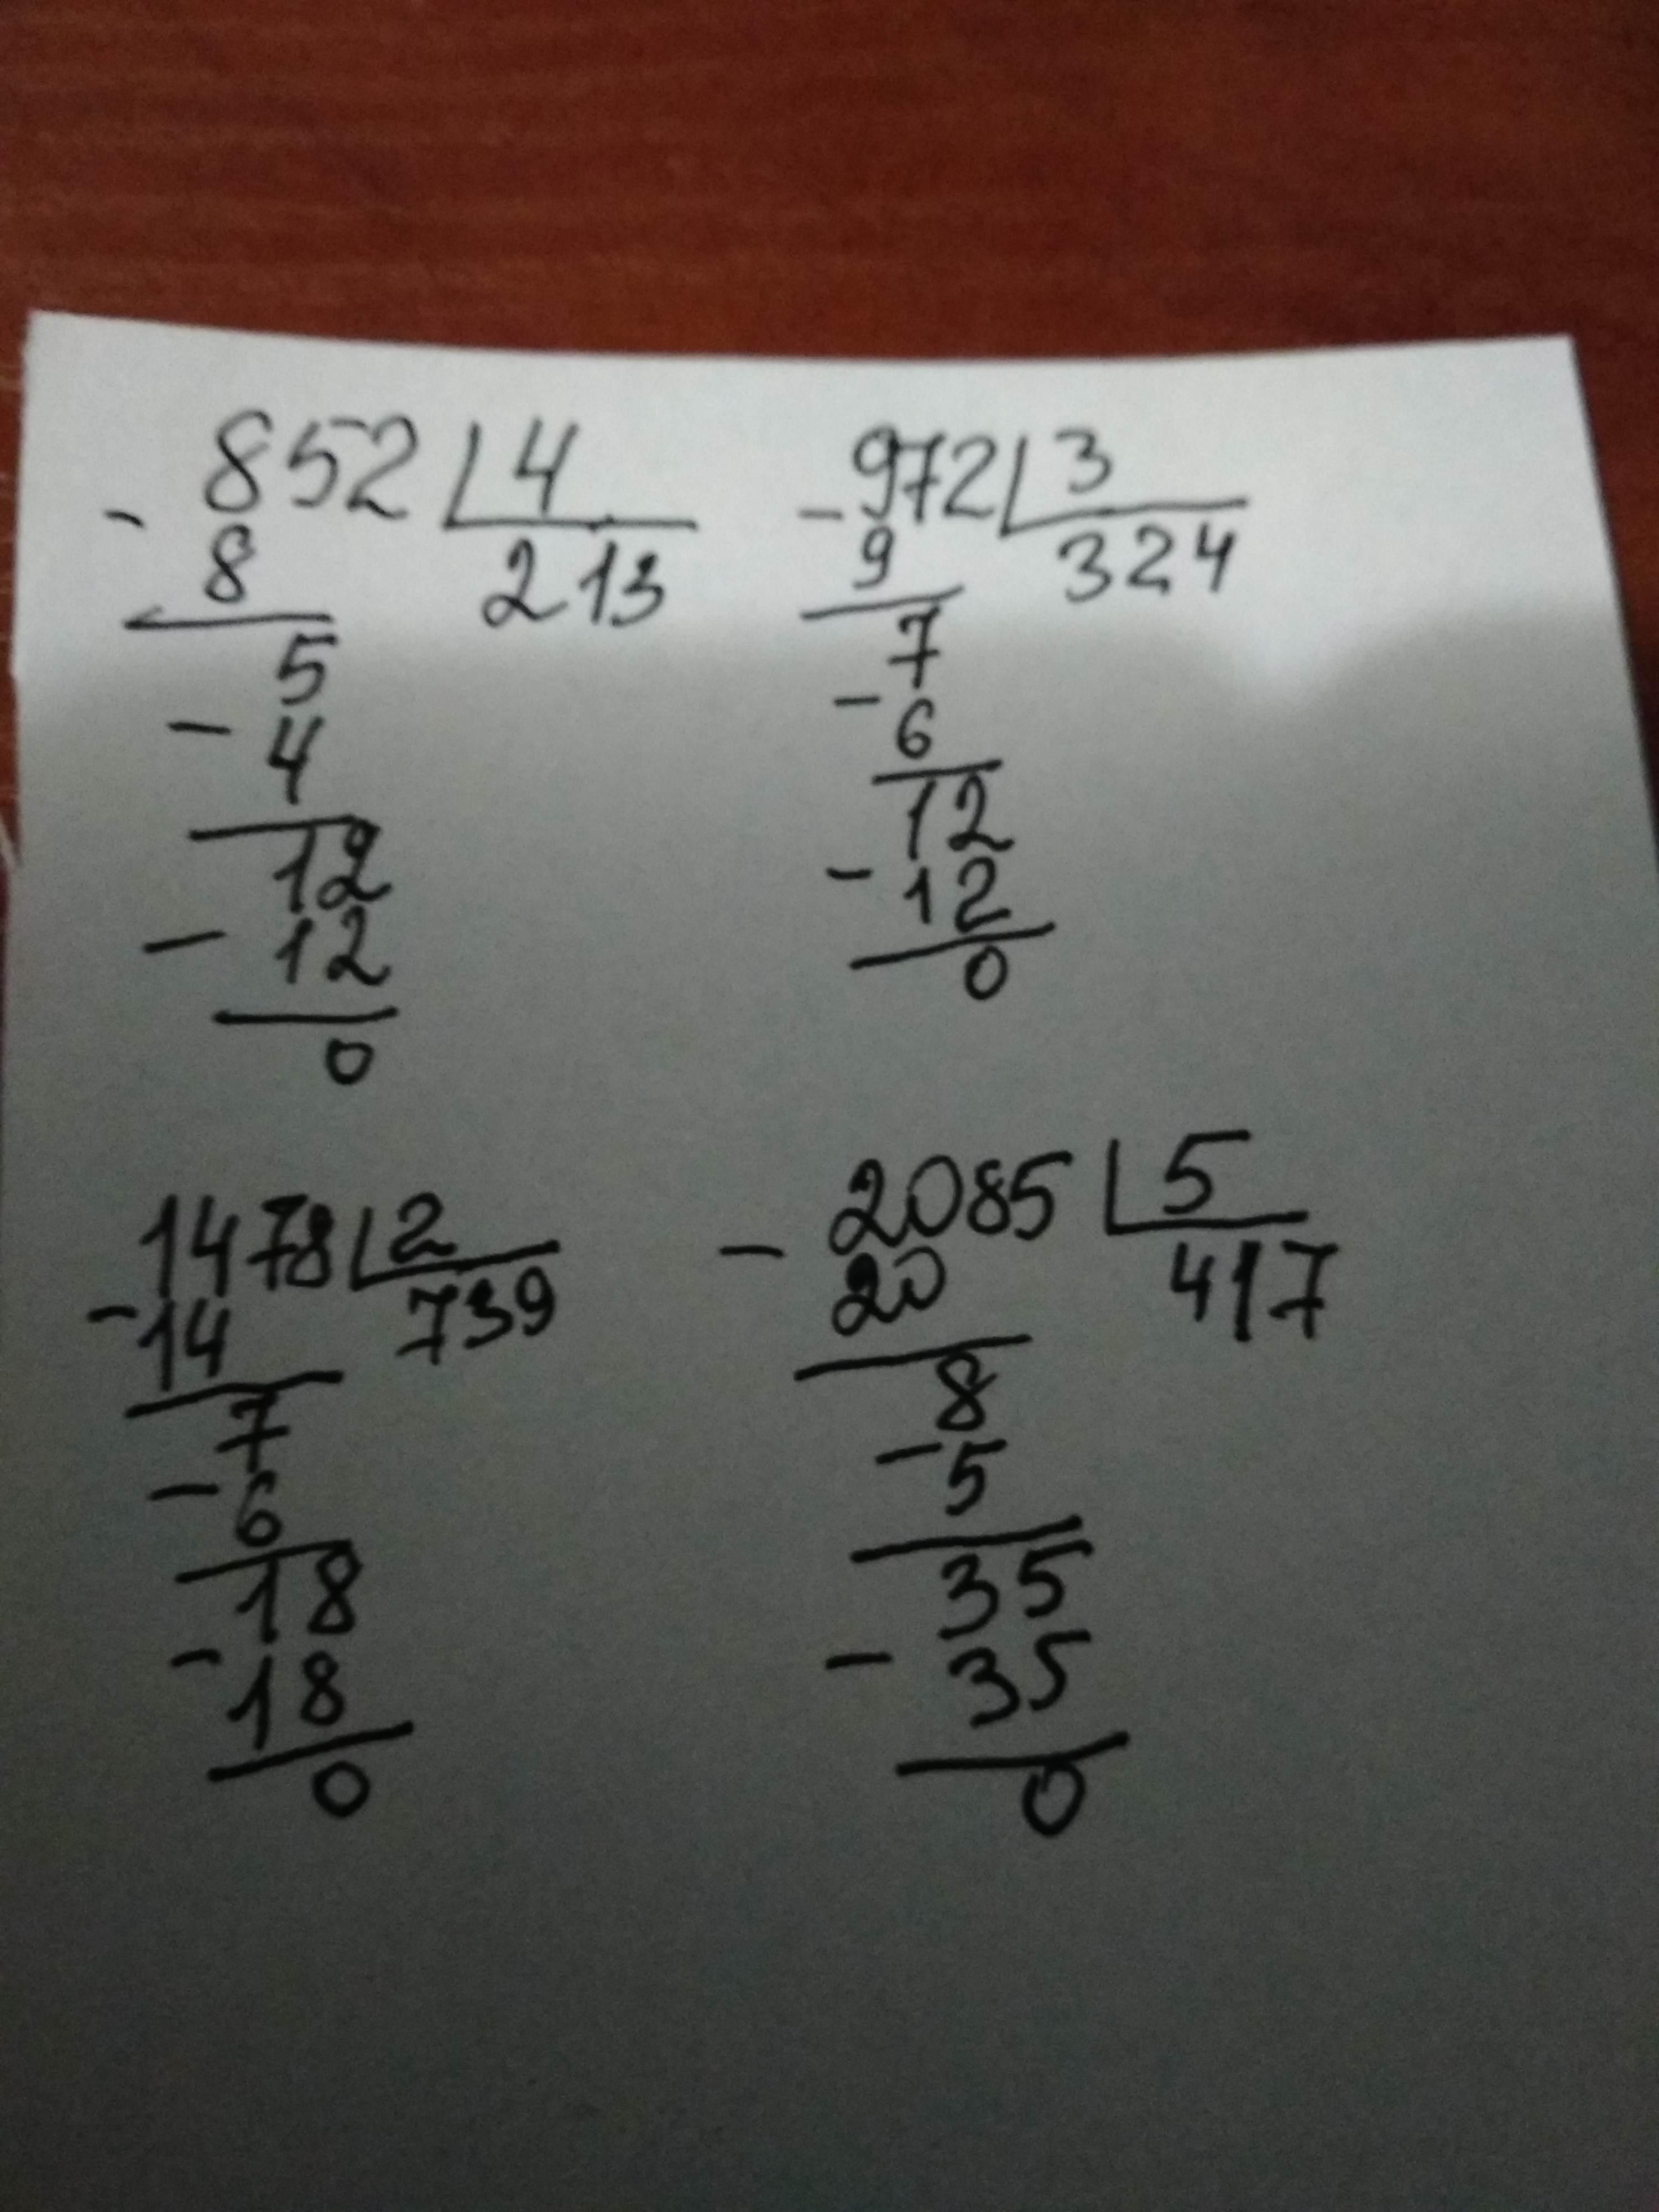 Ділення у стовпчик 852÷4 , 972÷3 , 1478÷2 , 2085÷5